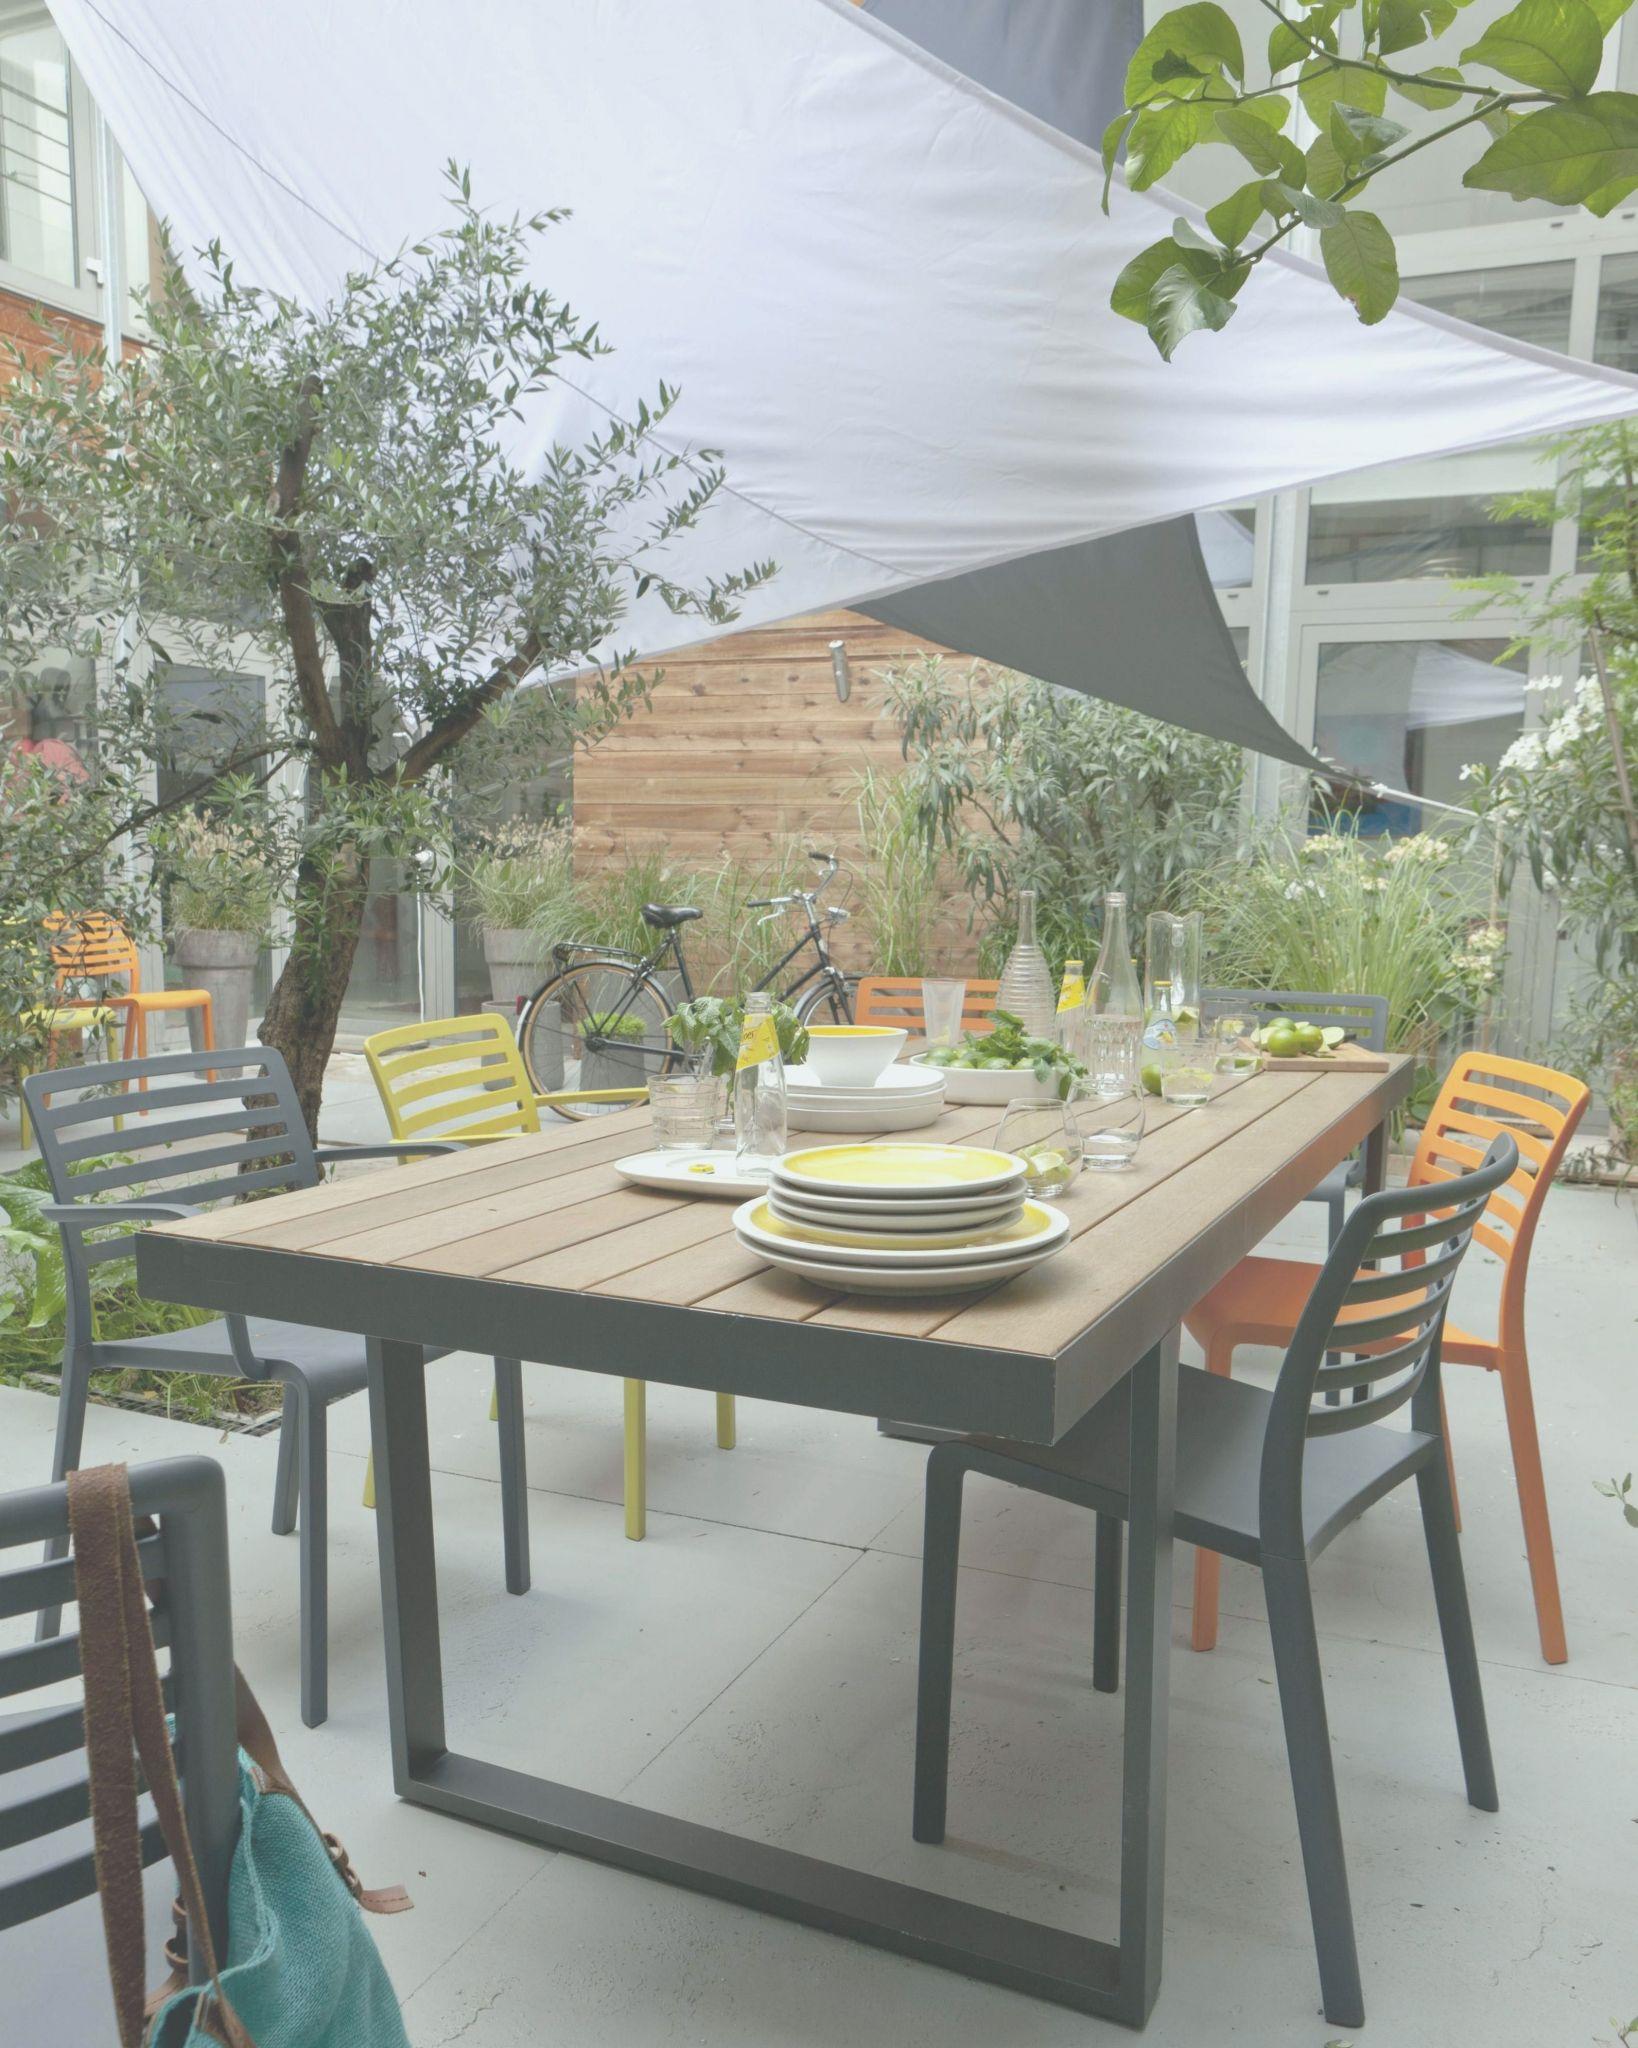 Leroy Merlin Caen Veranda - Veranda Et Abri Jardin intérieur Paravent De Jardin Leroy Merlin